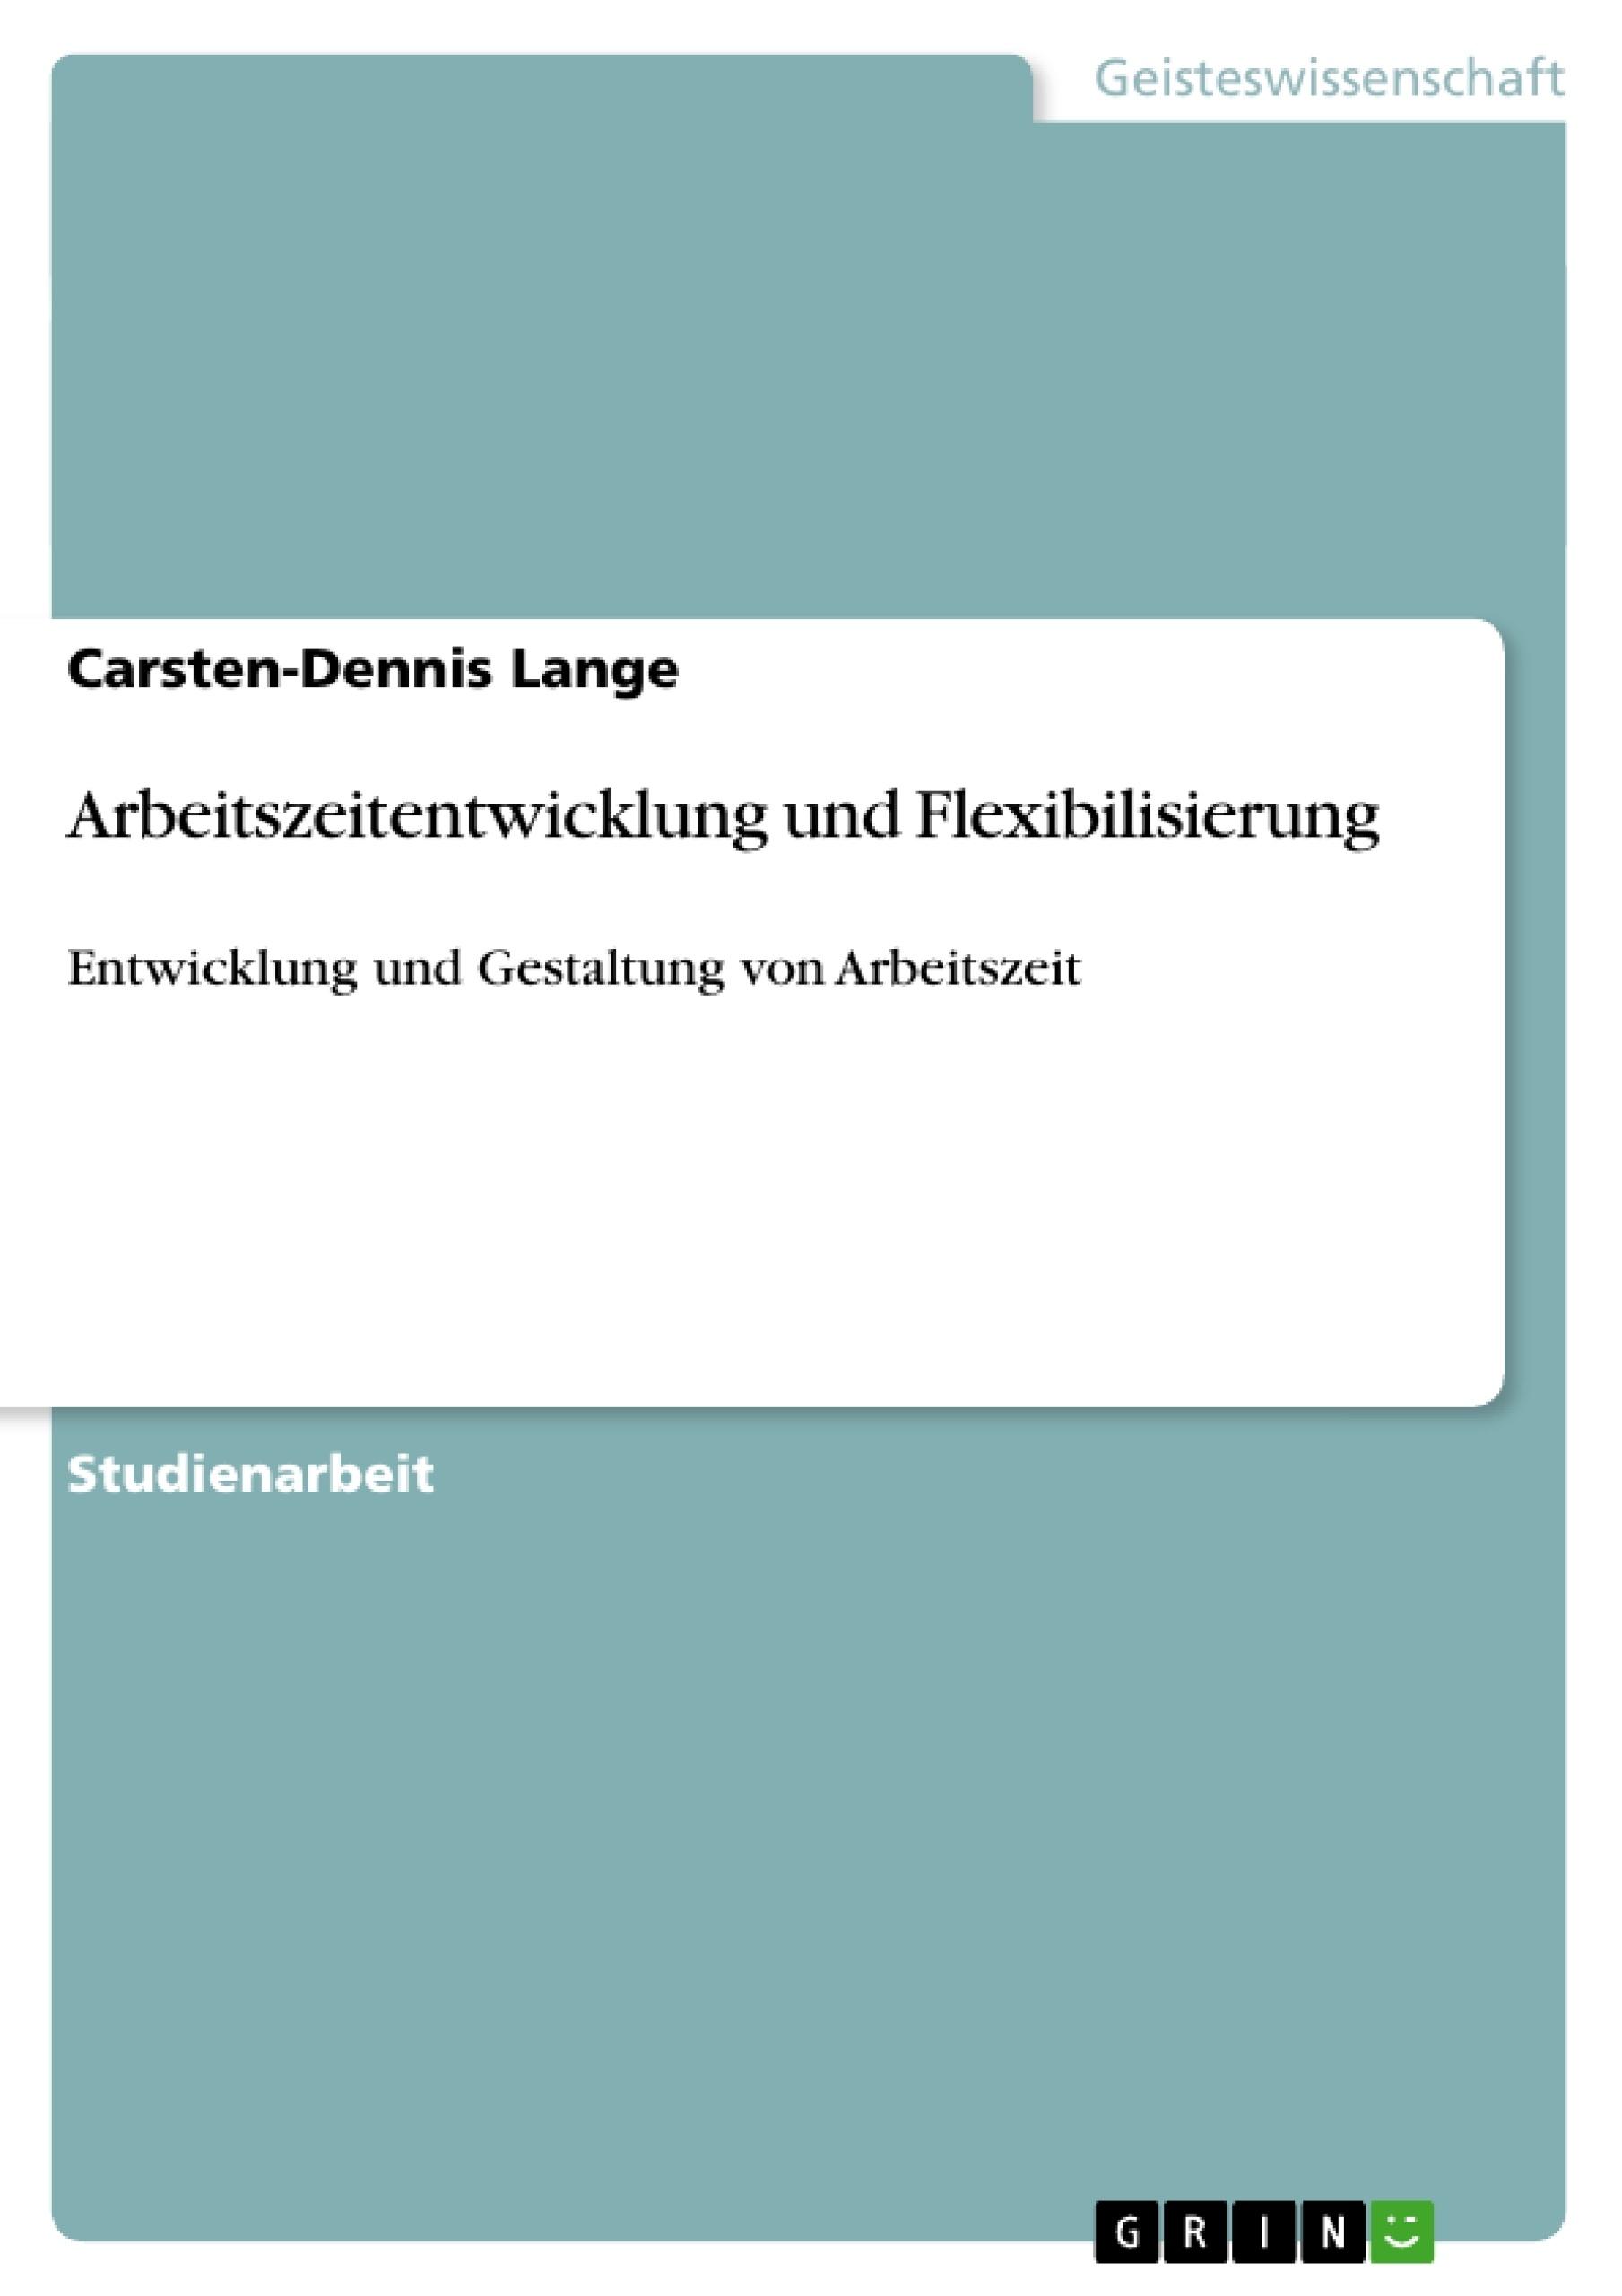 Titel: Arbeitszeitentwicklung und Flexibilisierung